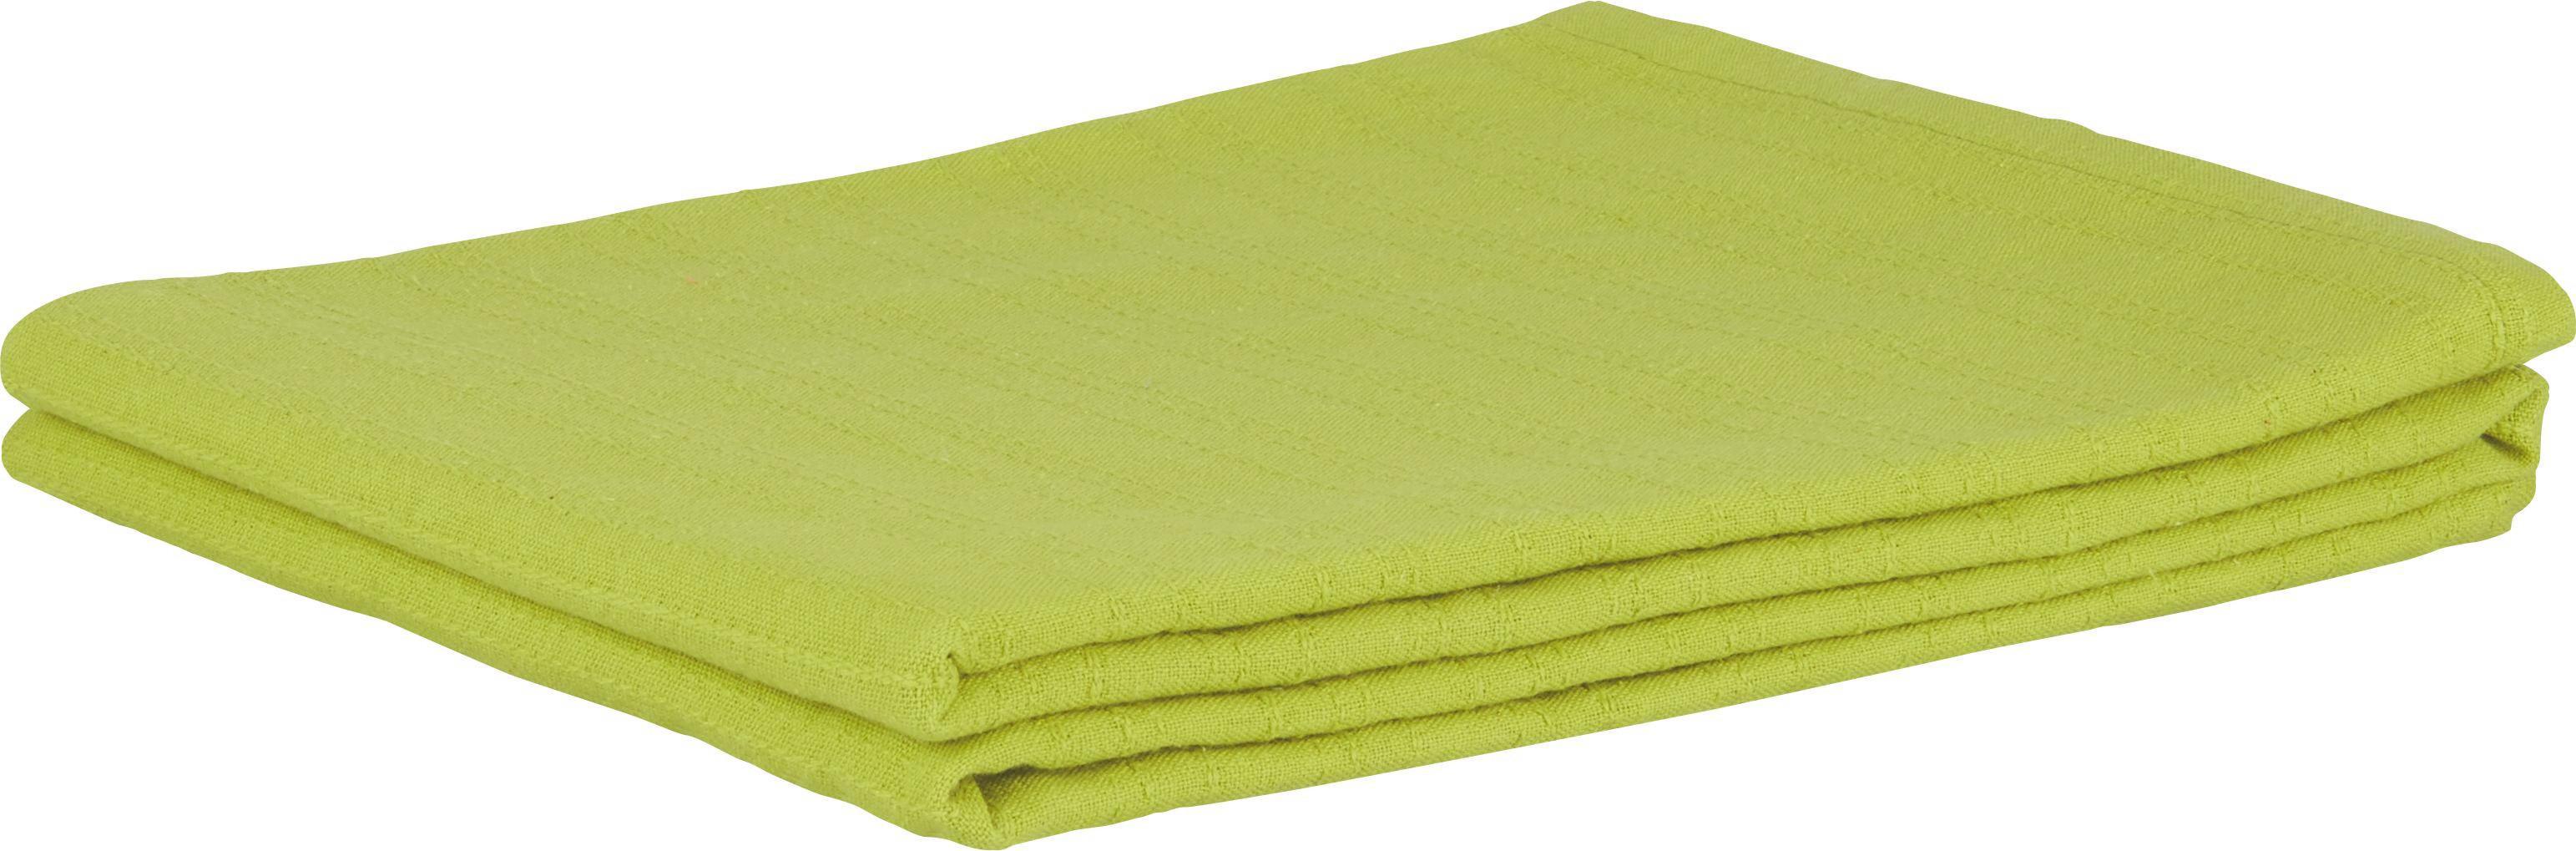 Ágytakaró Solid One - zöld, textil (140/210cm)